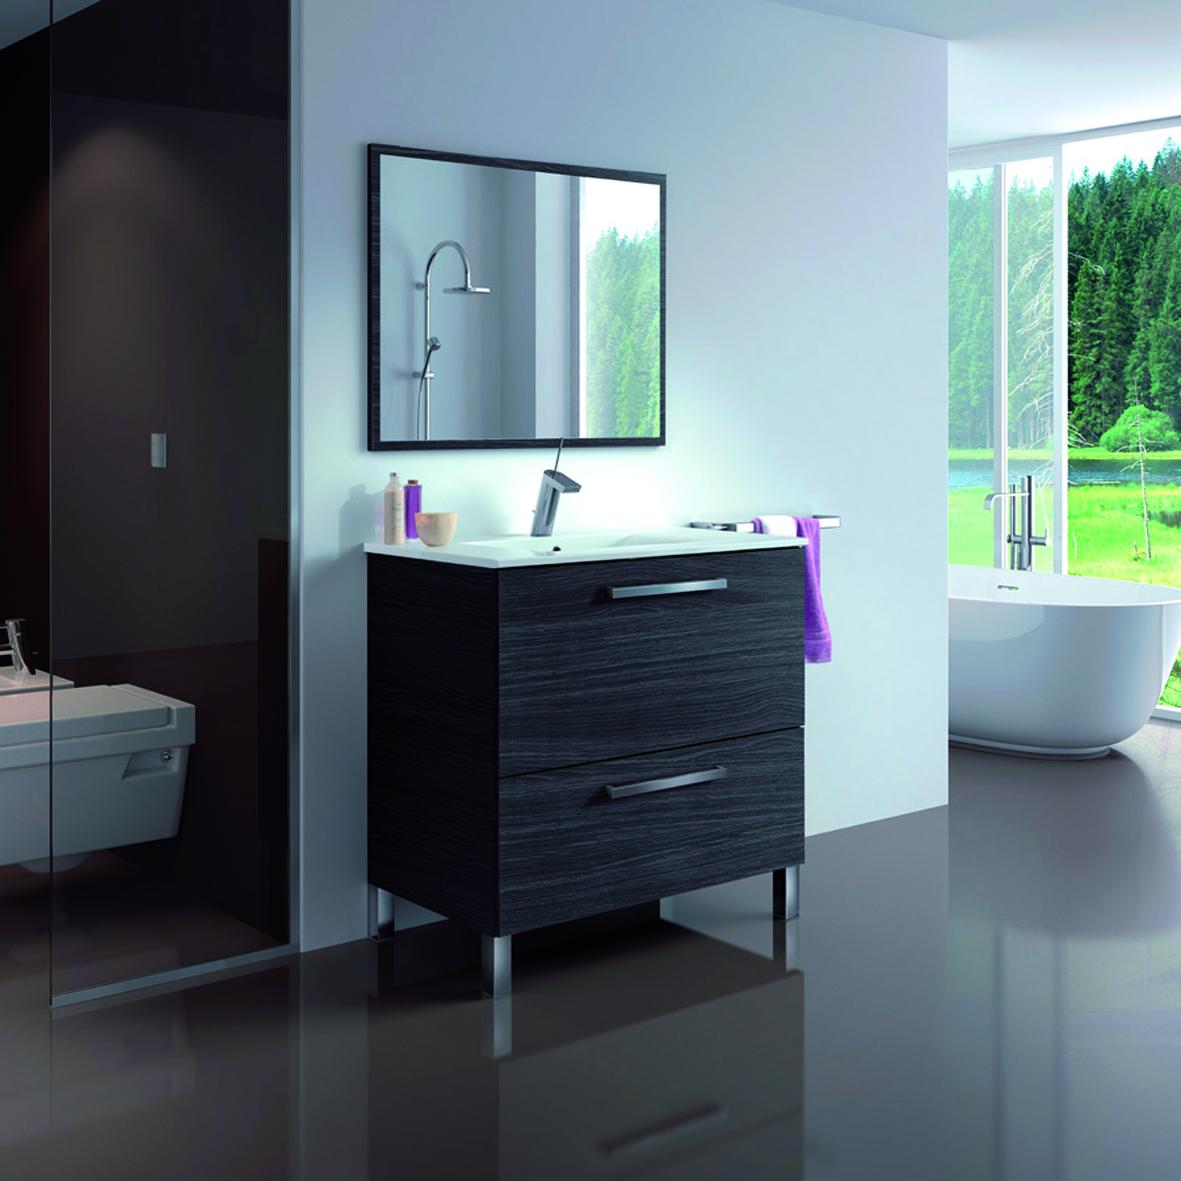 Meuble salle de bain urbain-